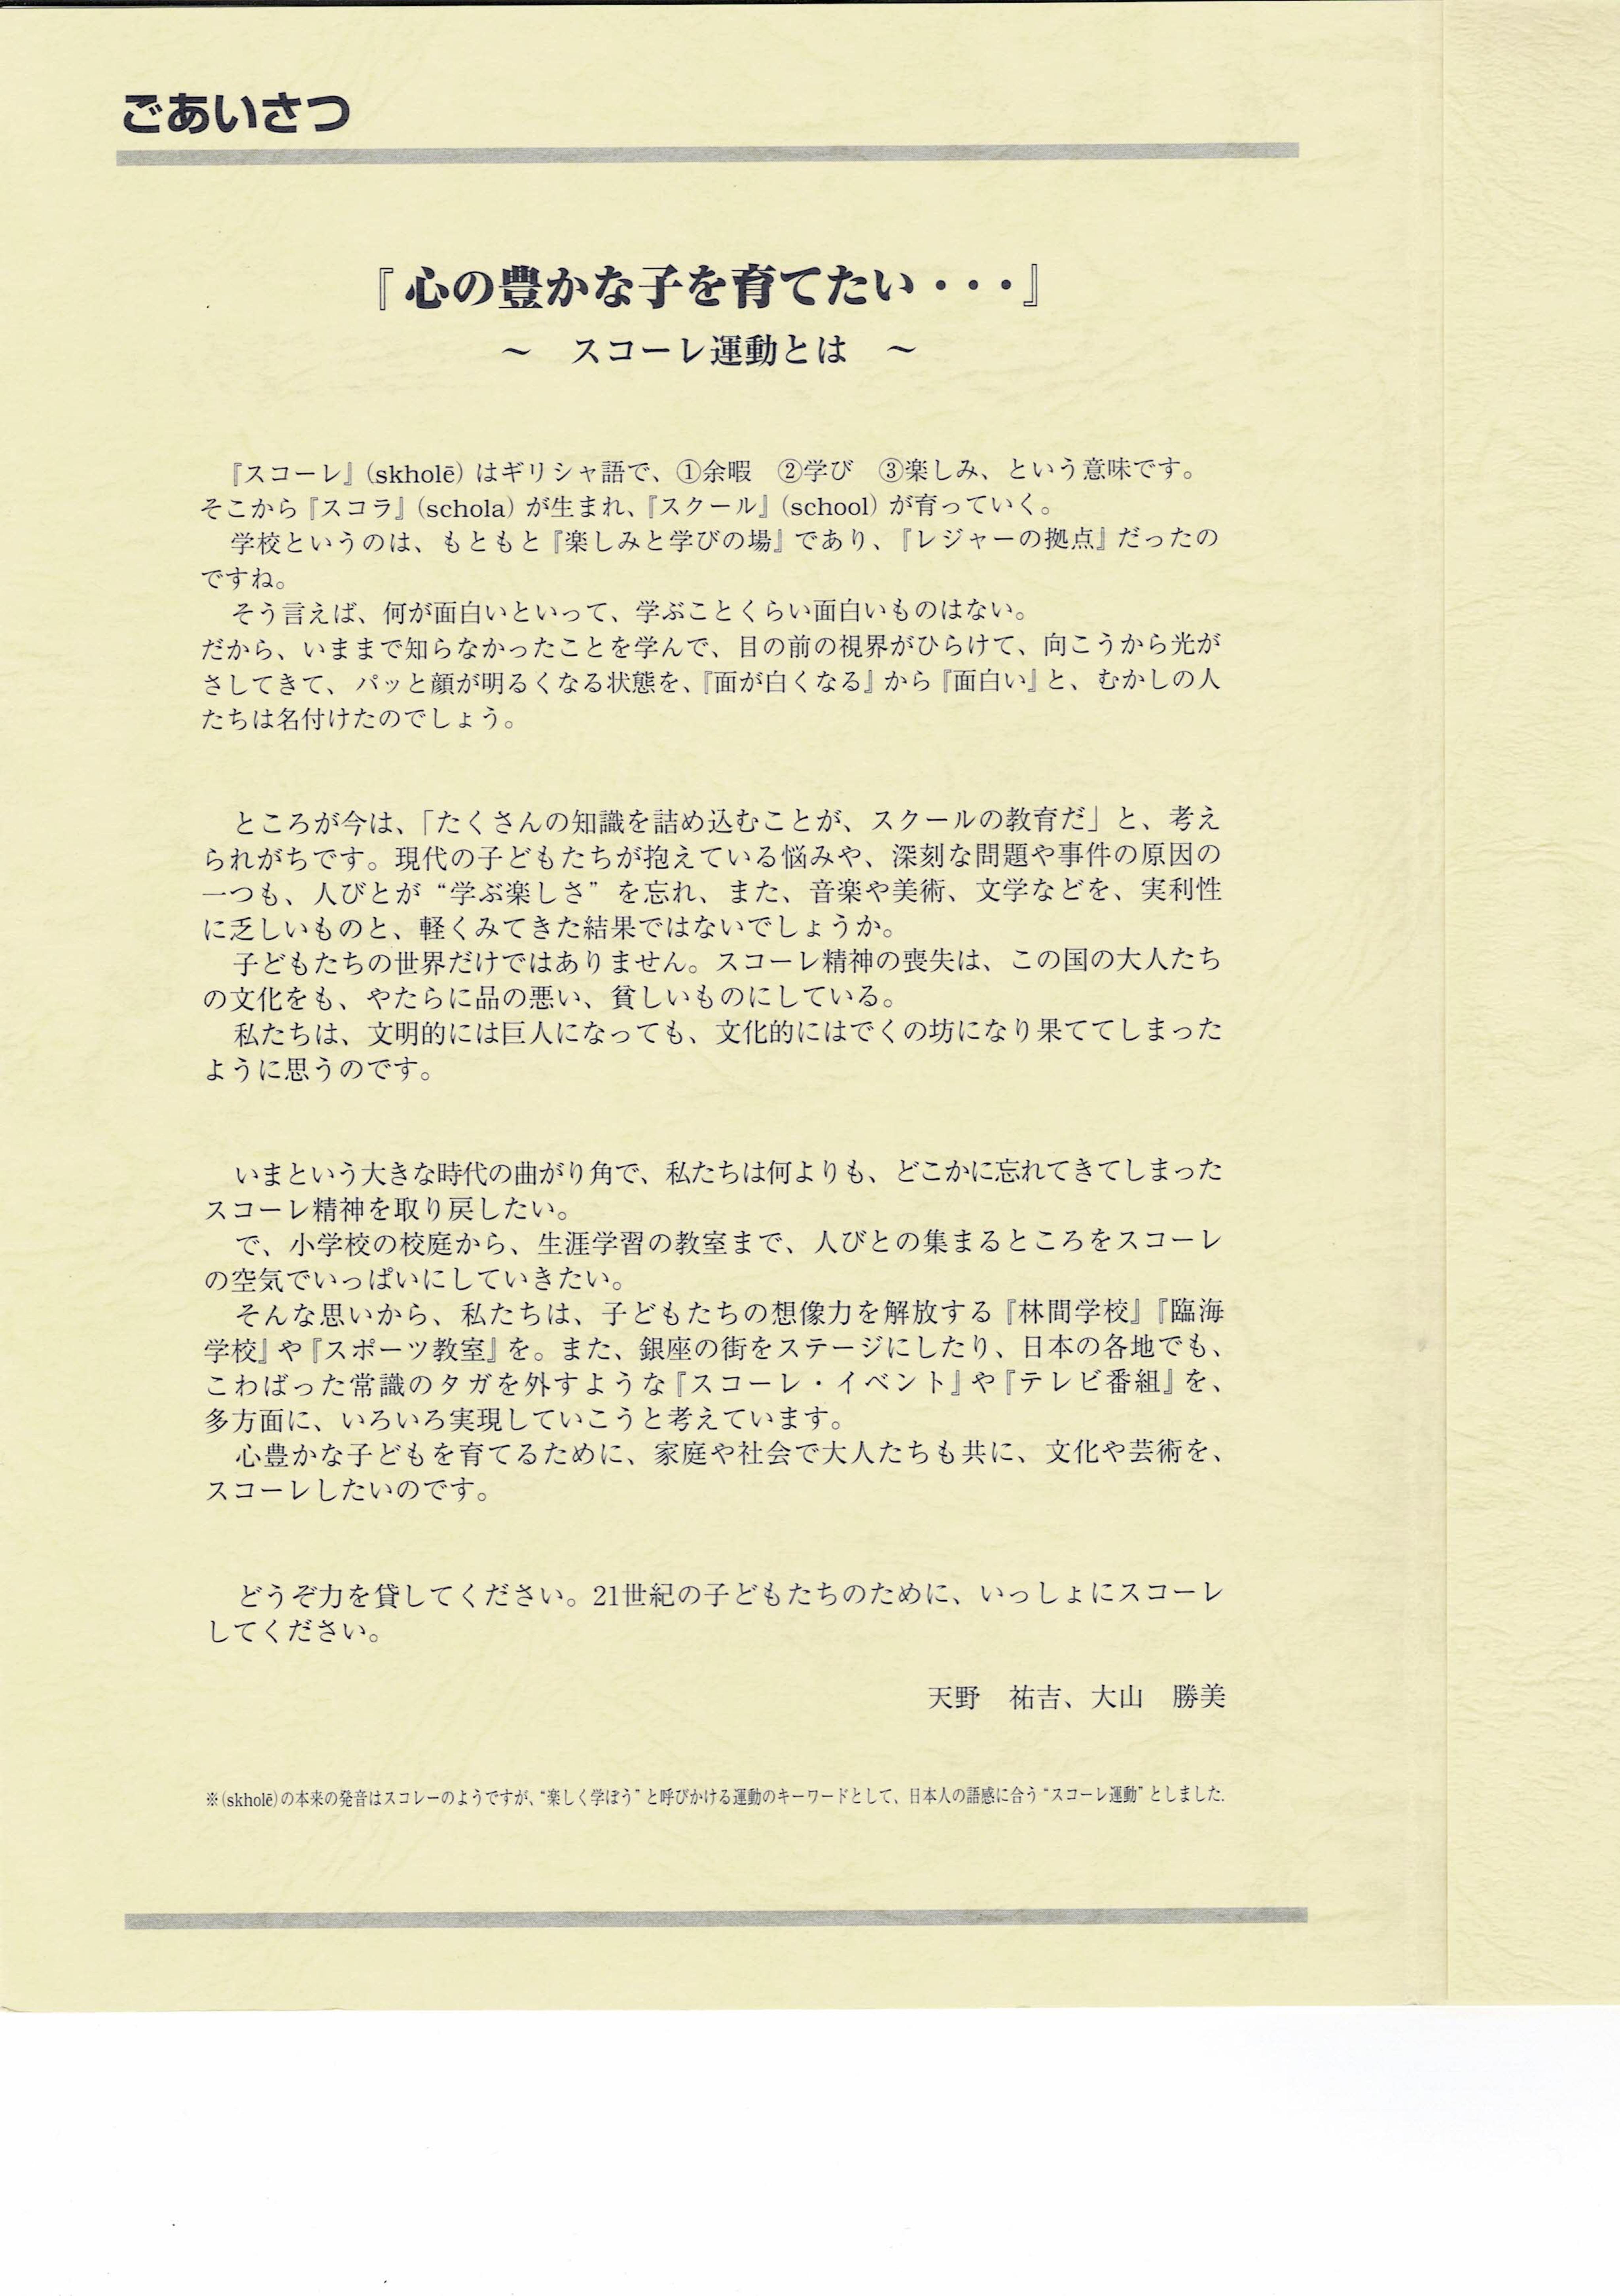 文化フロンティア会議1997_2